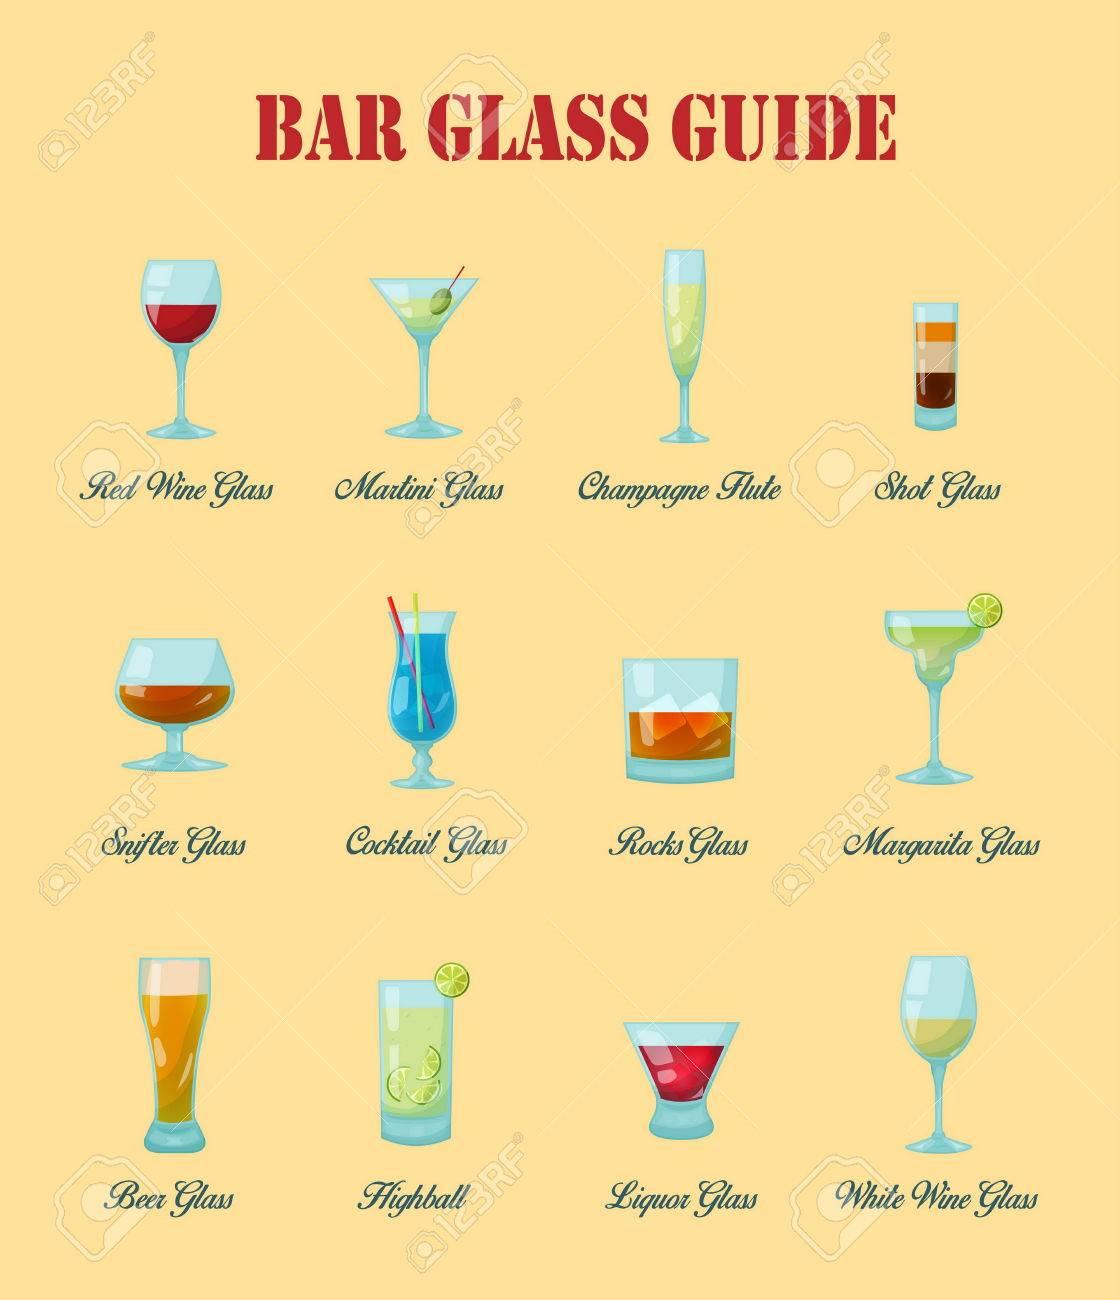 bar glasfuhrung eine sammlung von vaus arten von vektor bar glaser deren korrekte benennung und nutzung fur getranke